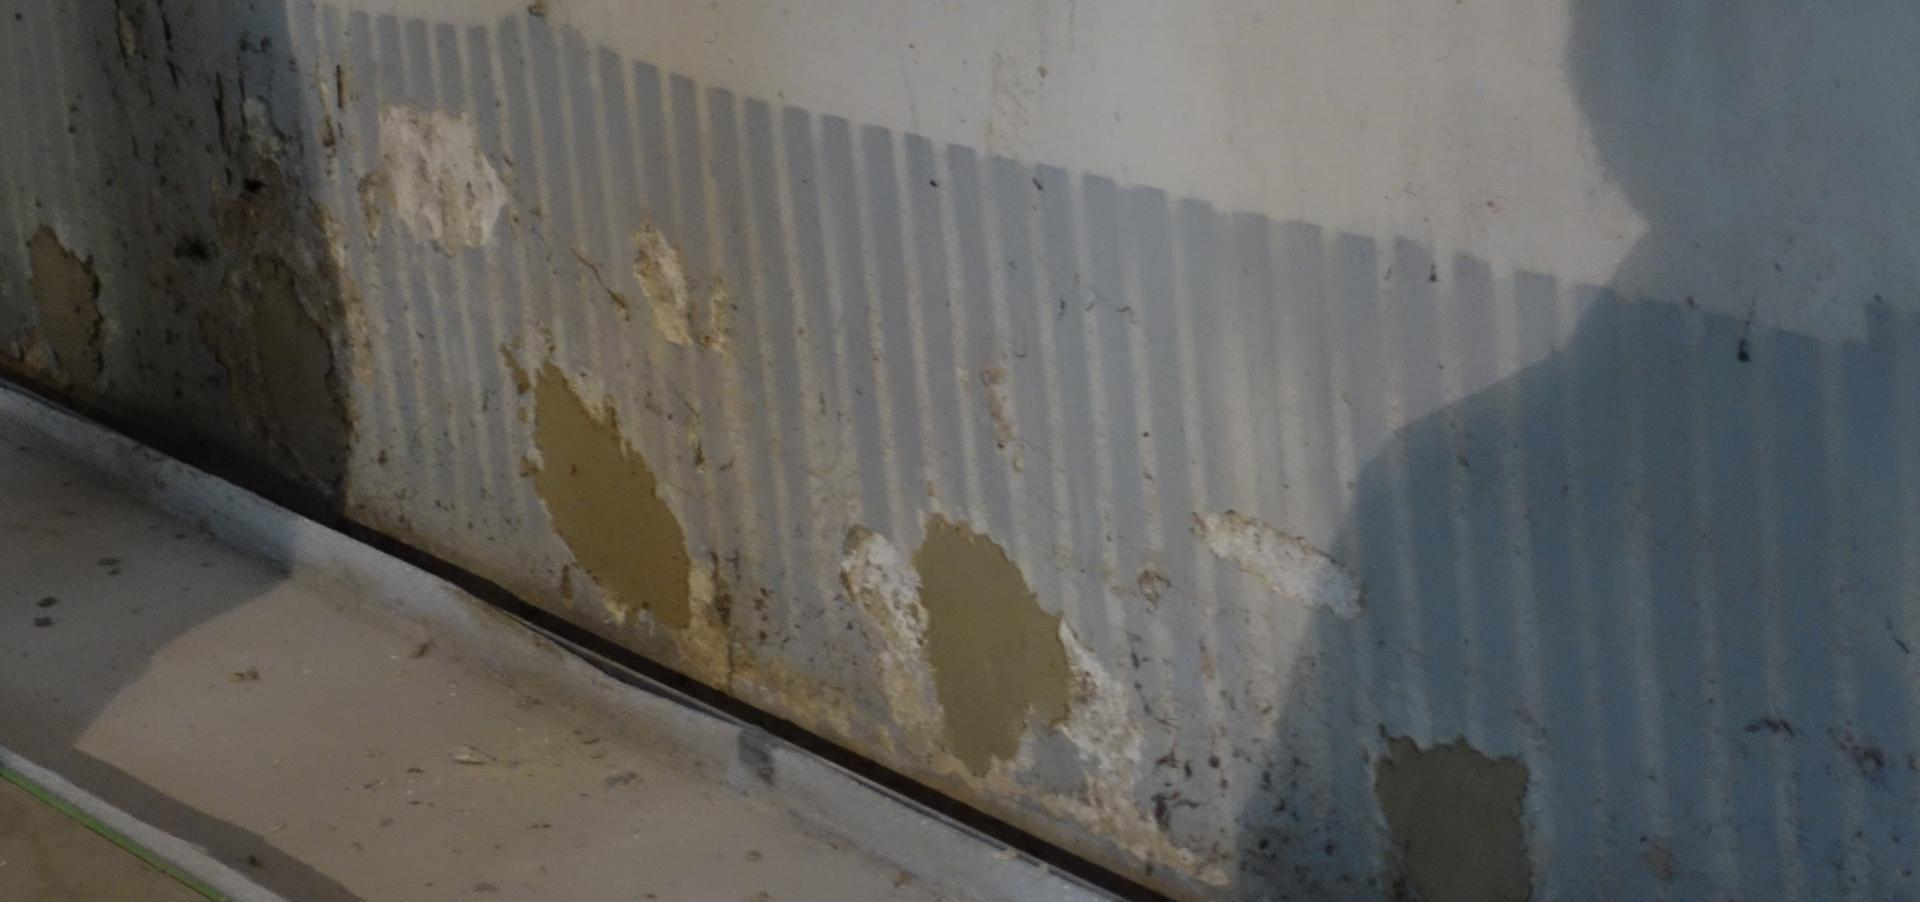 Bild 176 zeigt an der Wand hinter den ehemaligen Radiatoren Versalzungen- die mussten weg, weil das Salz nach 2 - 3 Jahren wieder kommt- aus dem Erdreich, das an der Südseite nahe an die Kirche reicht.